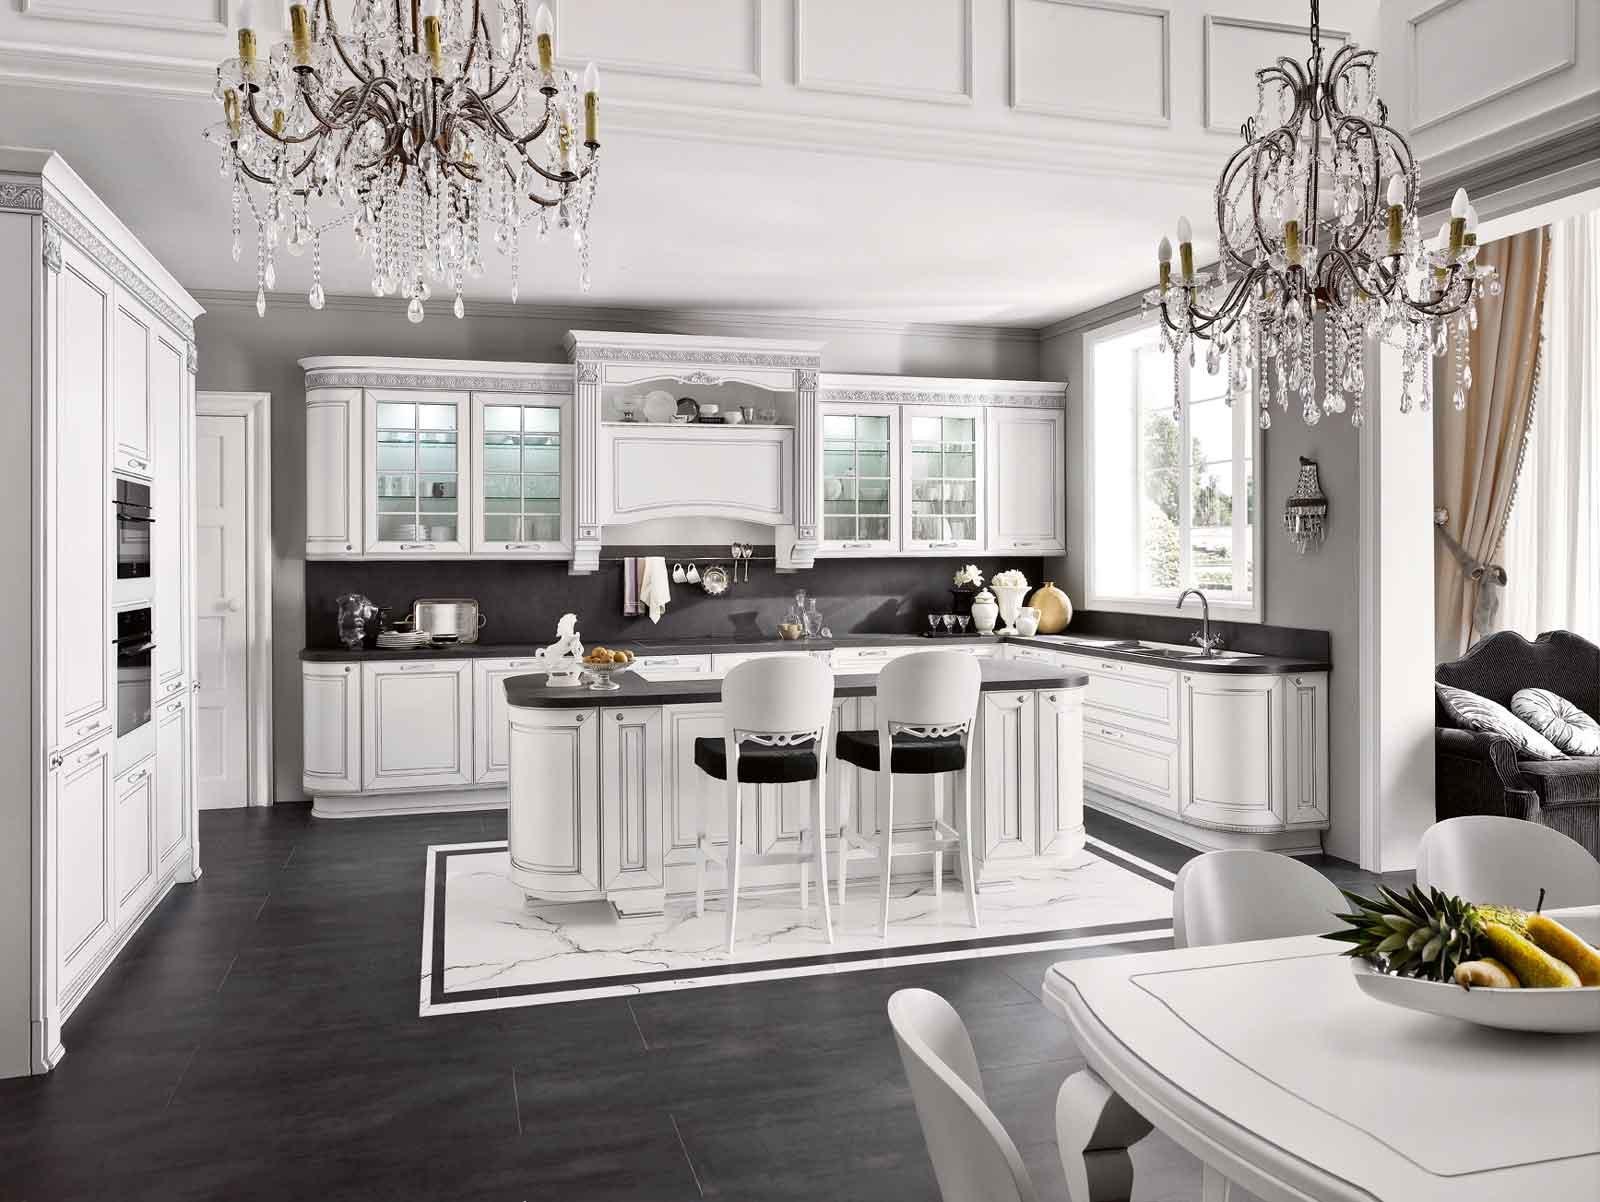 Cucina e soggiorno in un unico ambiente 3 stili cose di - Cucina bianca e noce ...